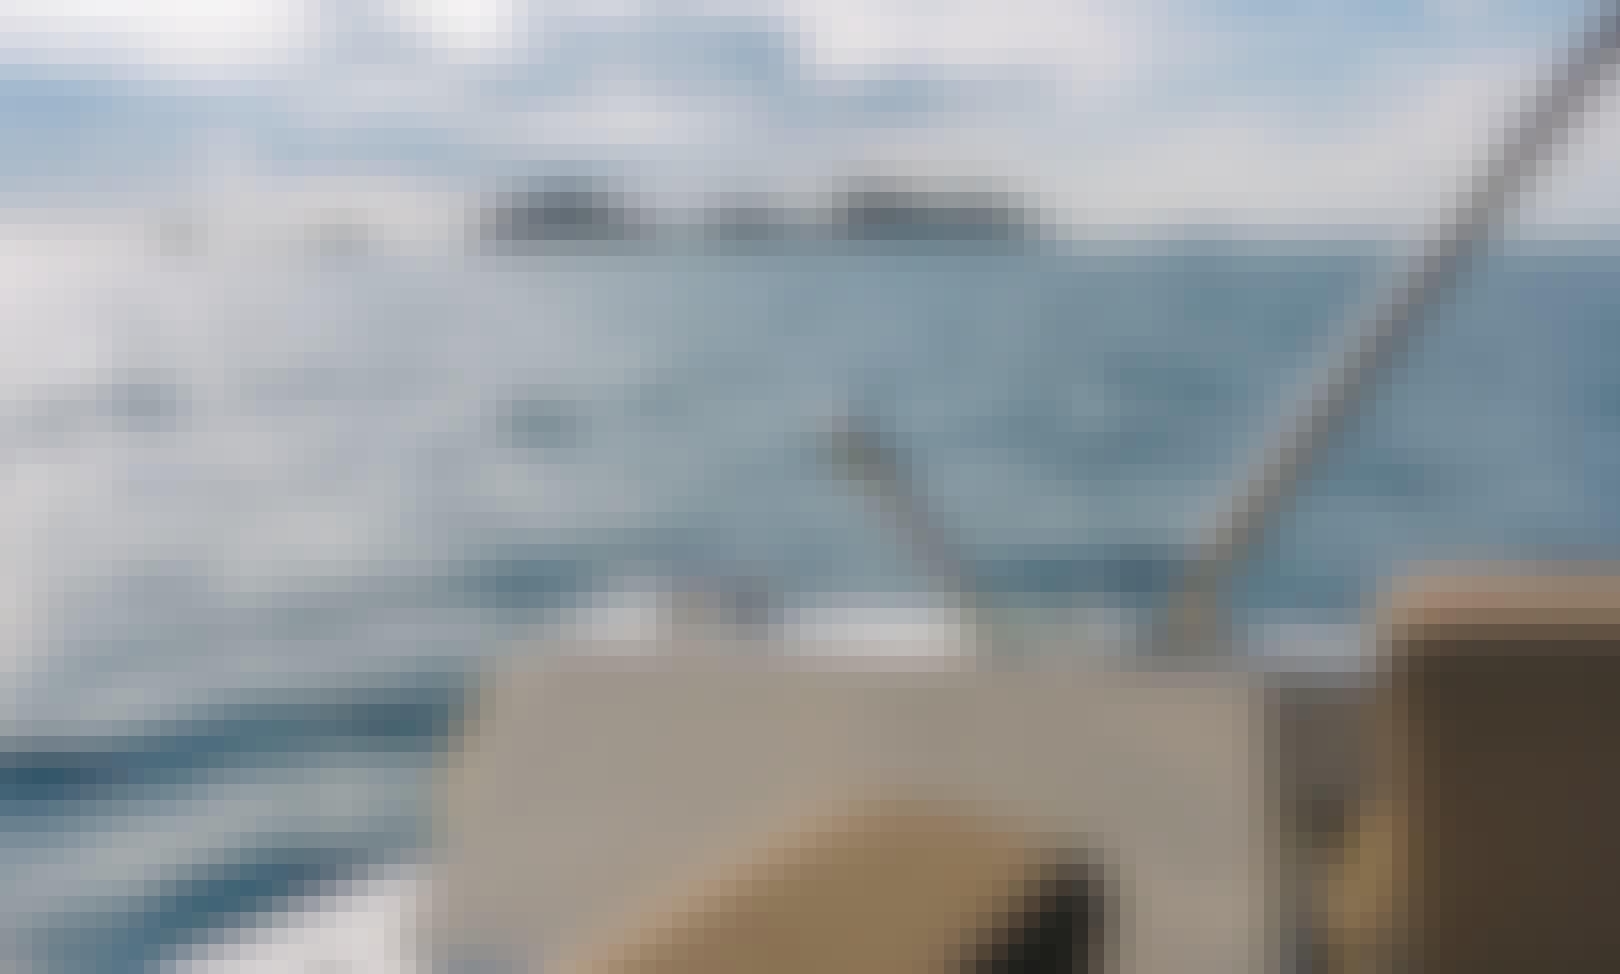 Book the Atlantic Open 750 Cuddy Cabin Boat in Cavtat or Dubrovnik